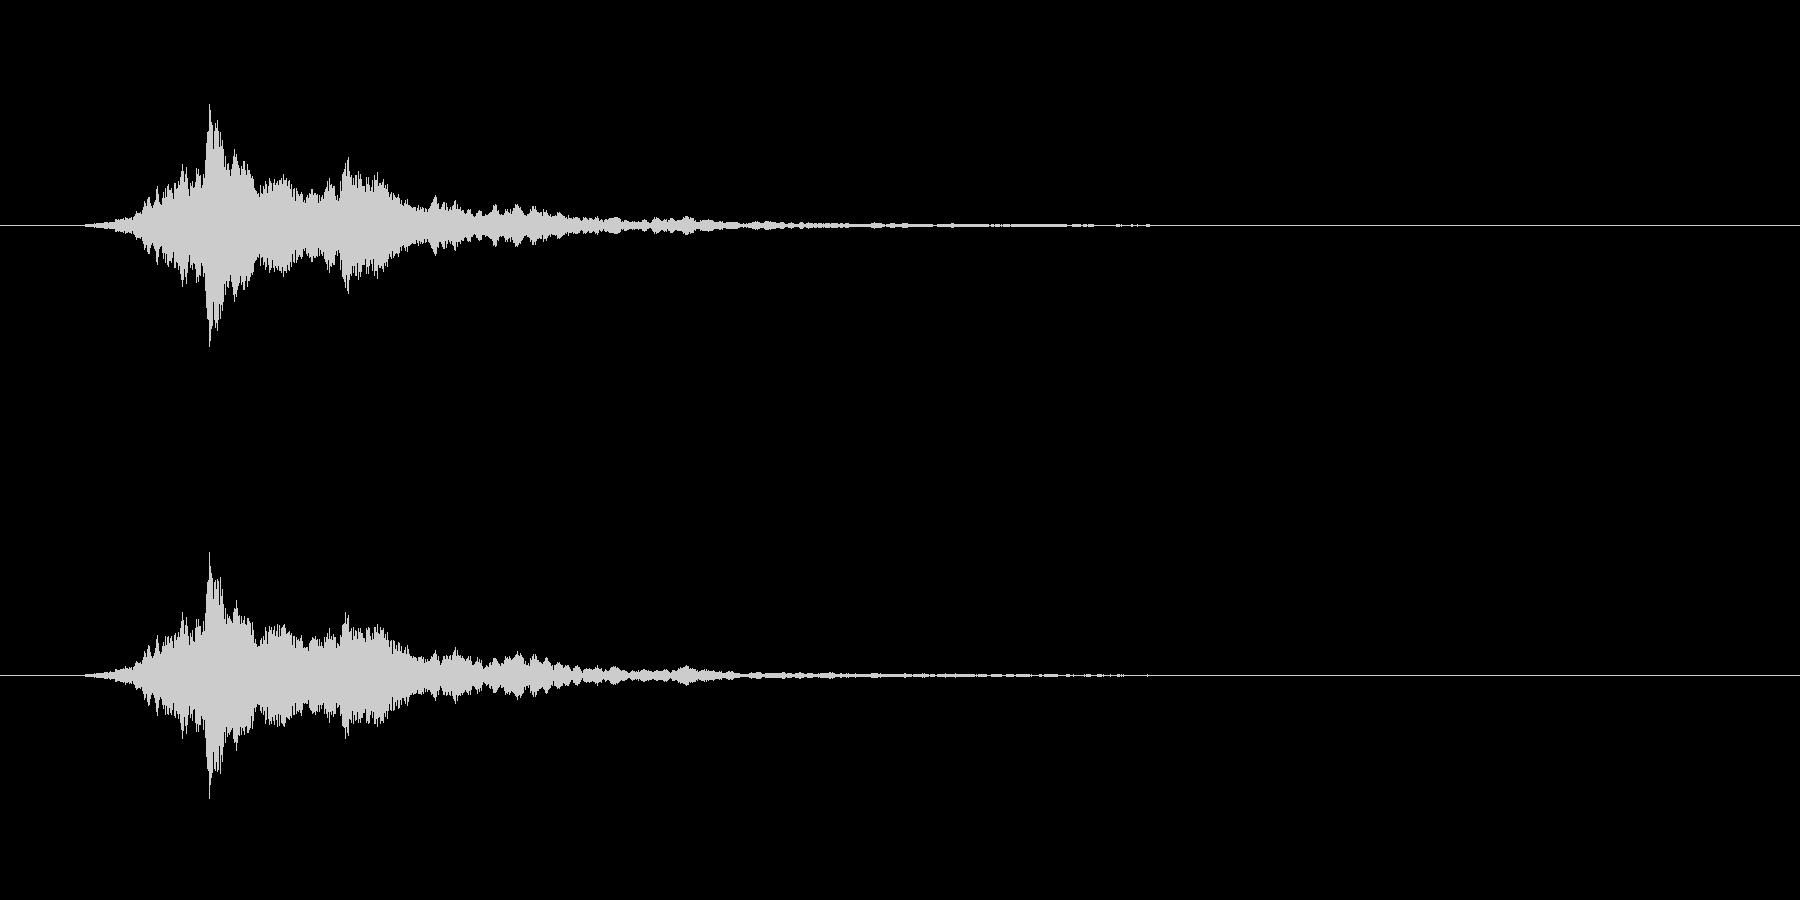 【アクセント12-2】の未再生の波形